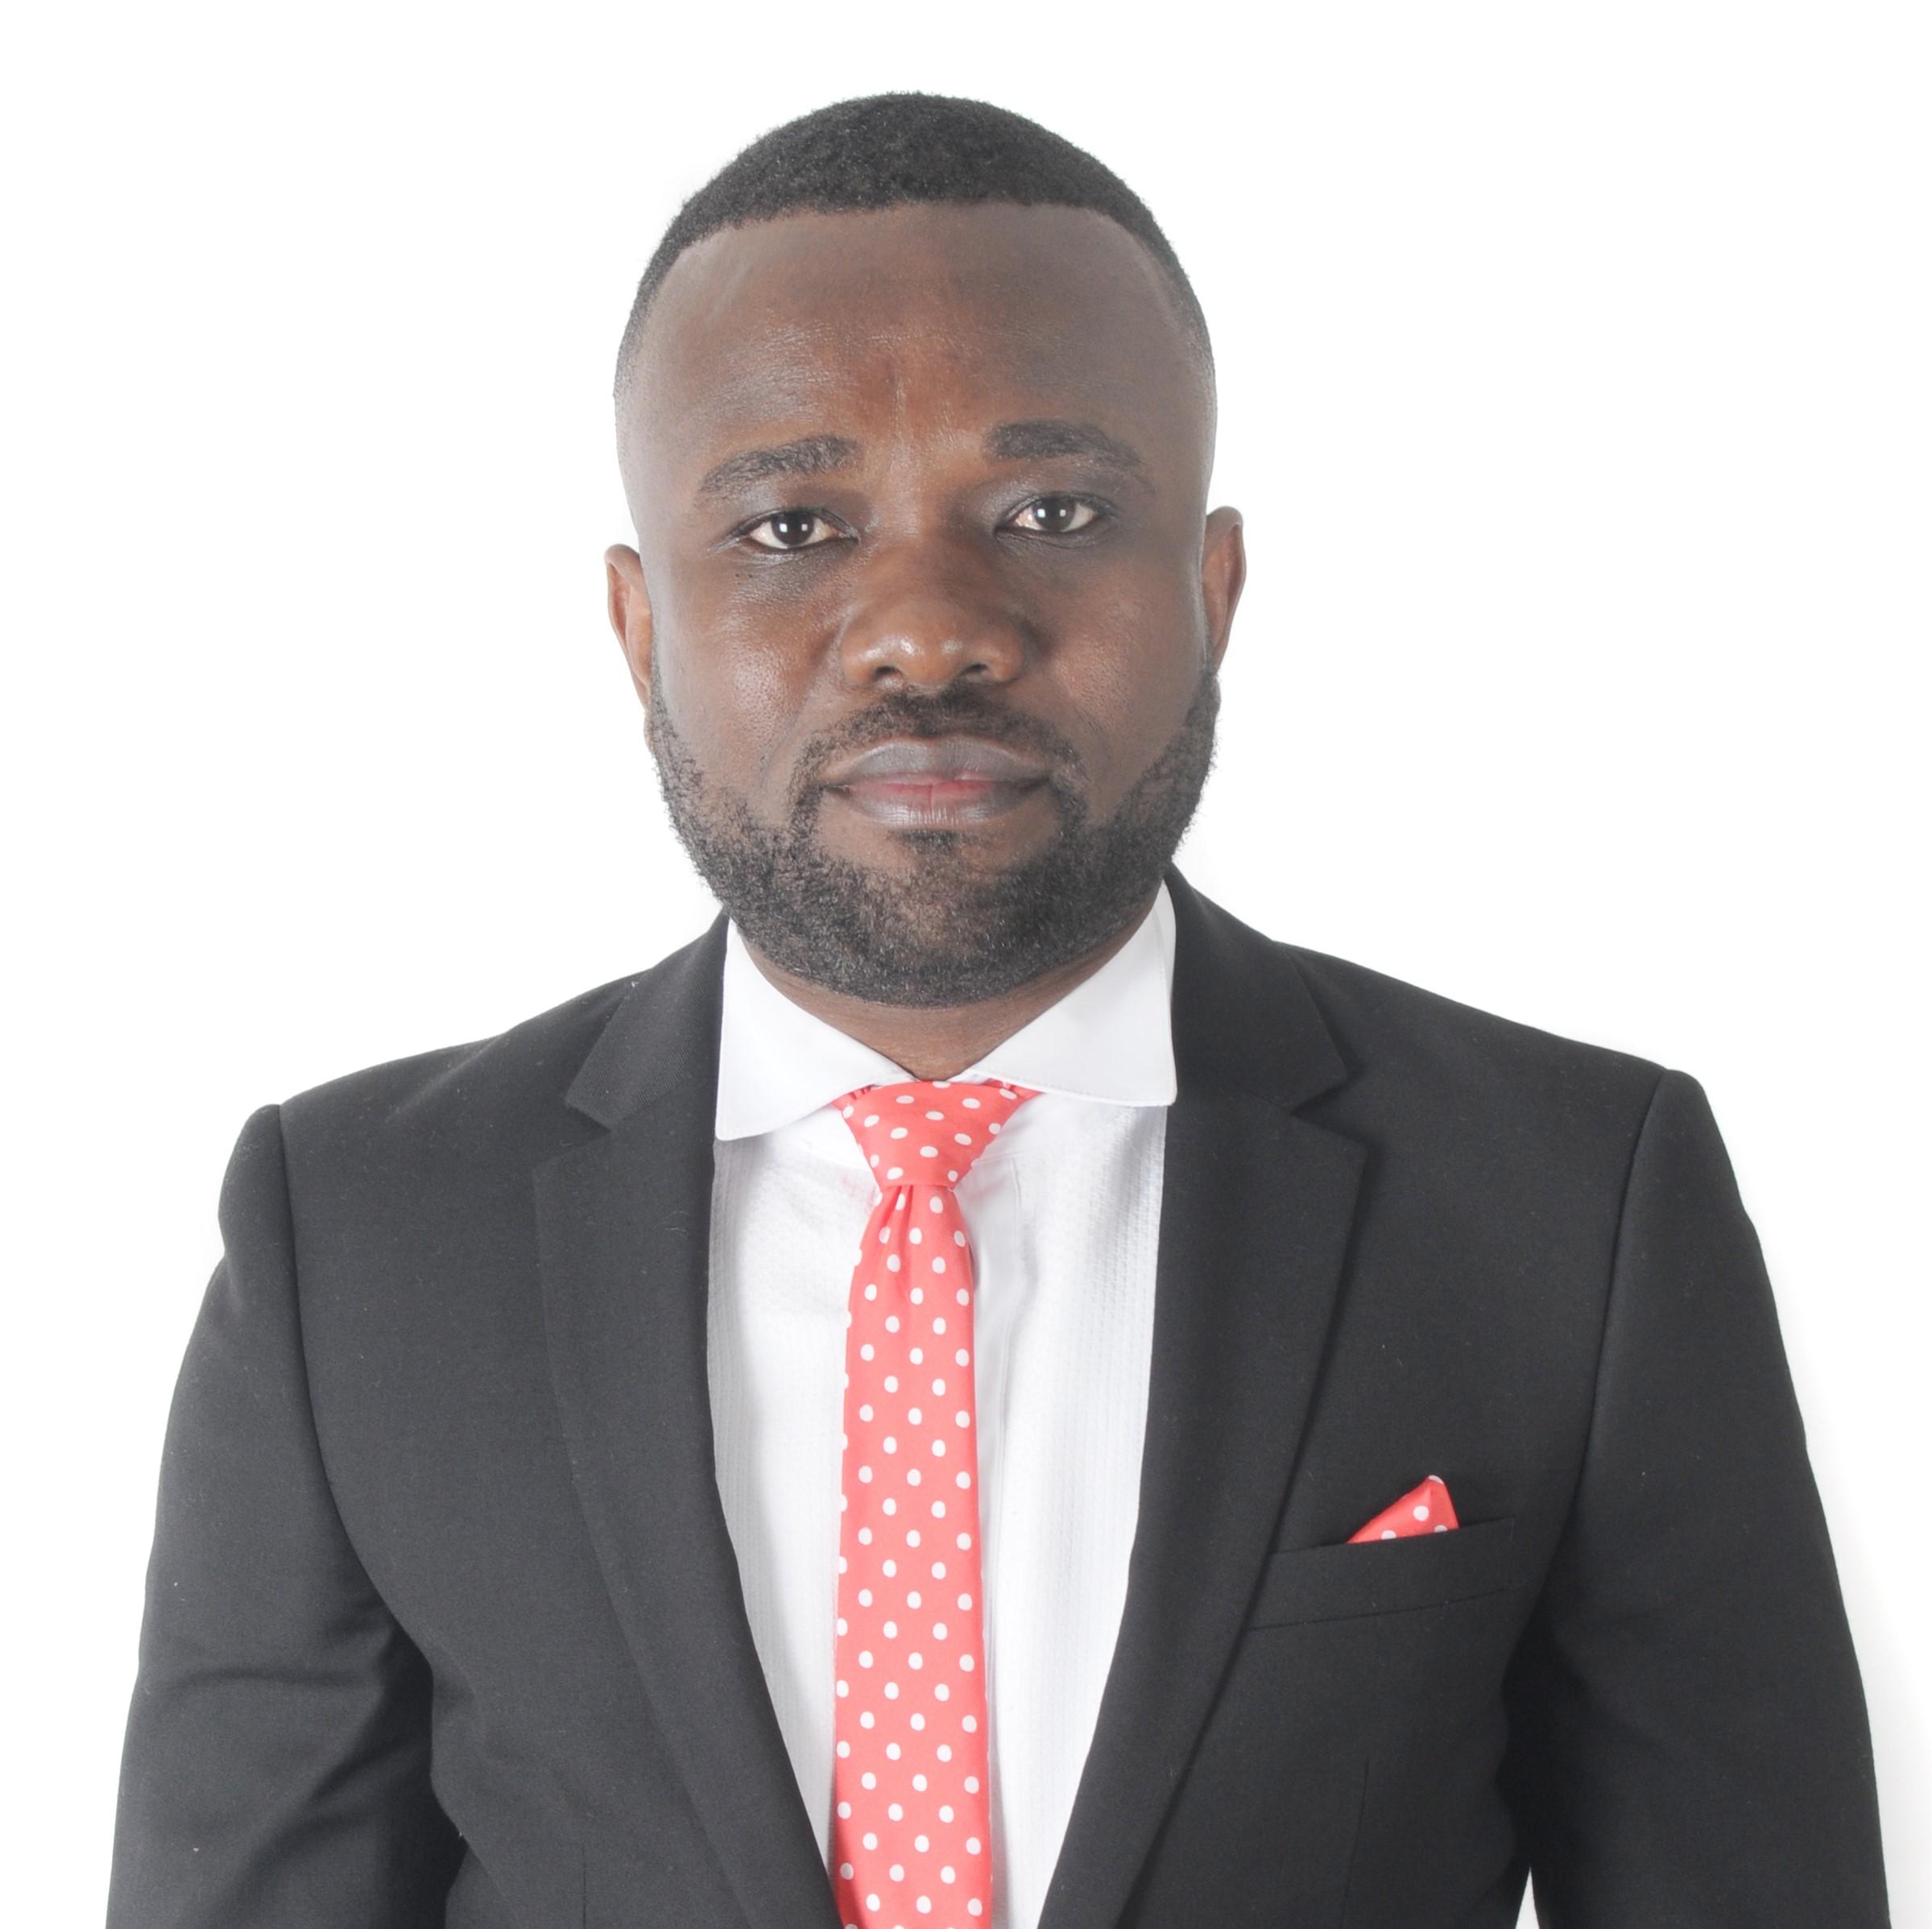 Dr. Idika E. Okorie